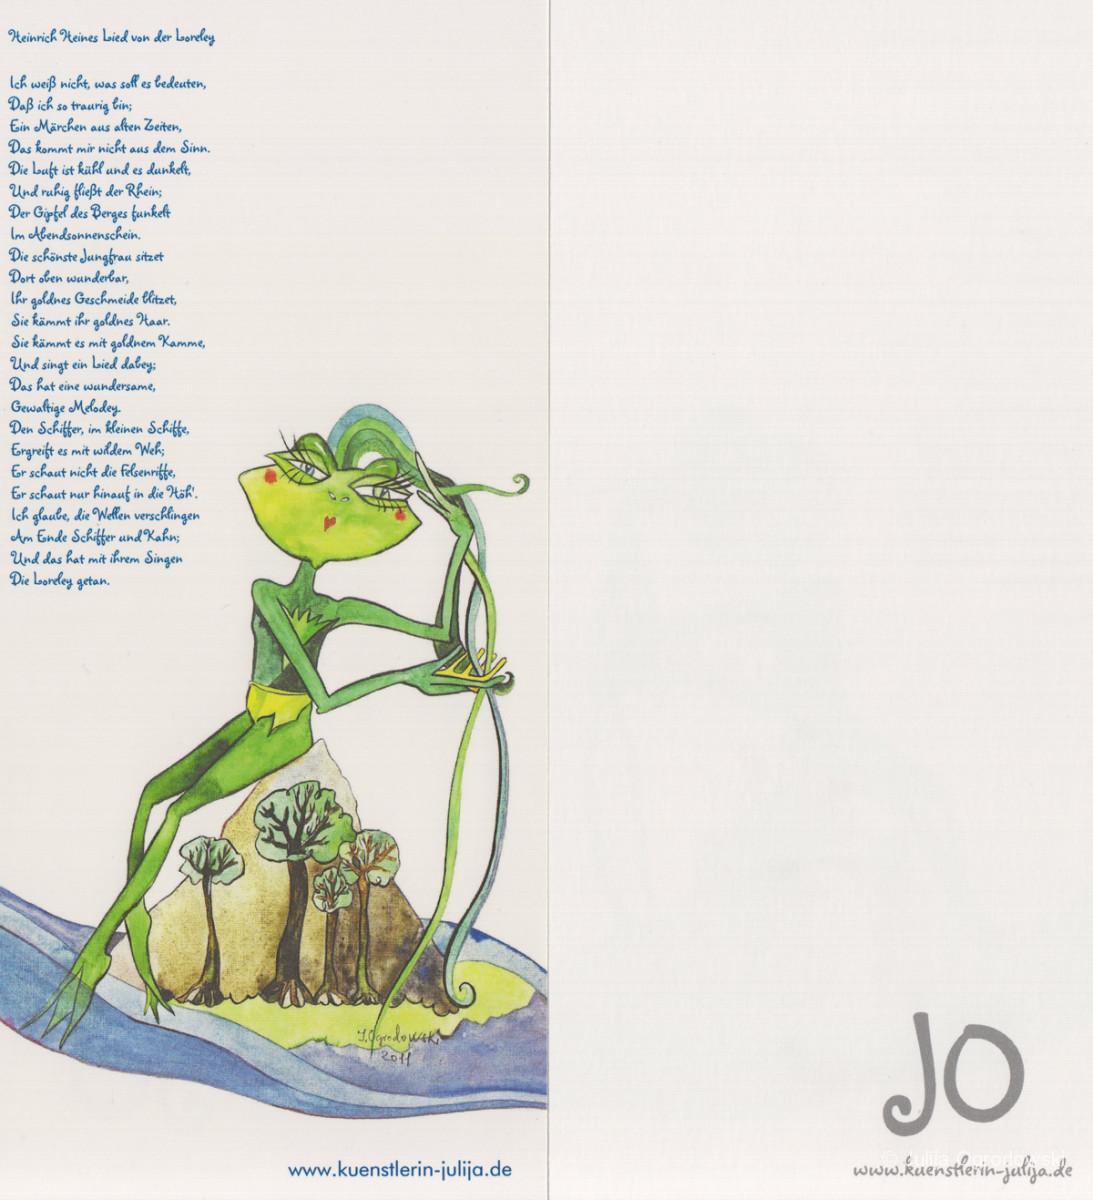 Postkarte Lied von der Loreley - Julija Ogrodowski